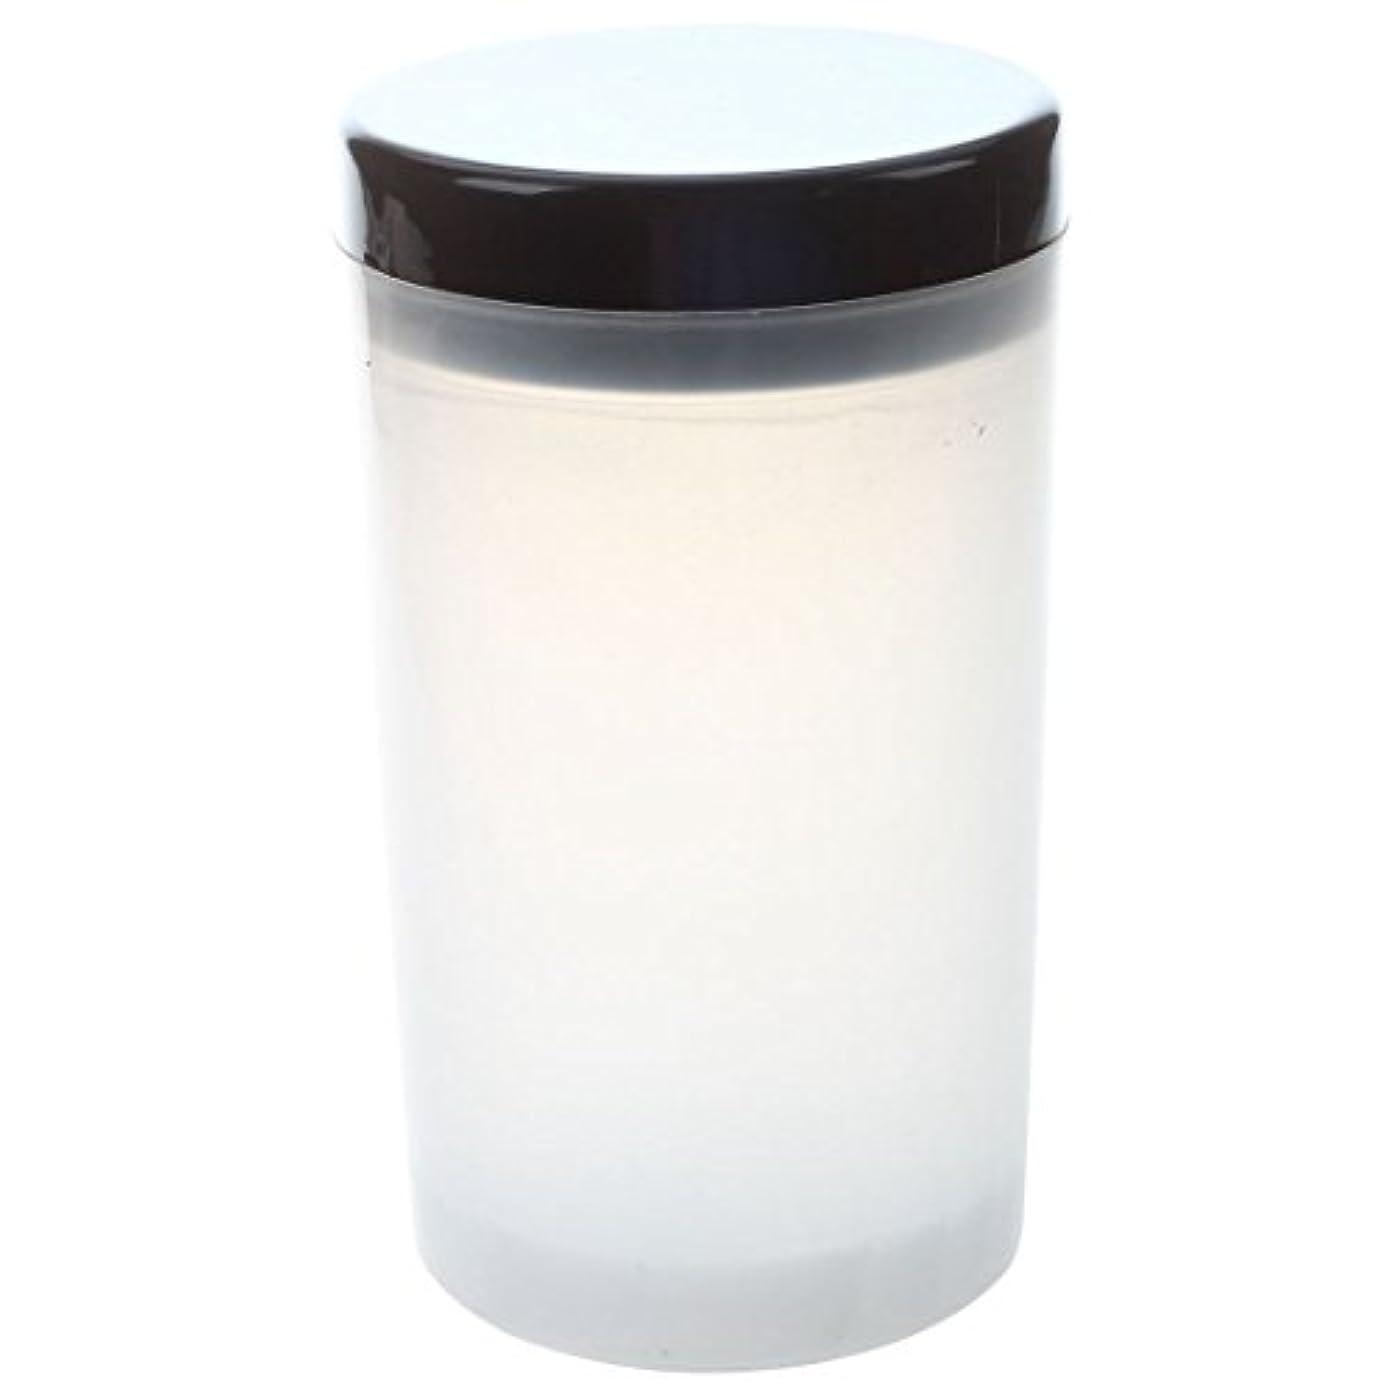 暗殺する雄弁な食べるSODIAL ネイルアートチップブラシホルダー リムーバーカップカップ浸漬ブラシ クリーナーボトル